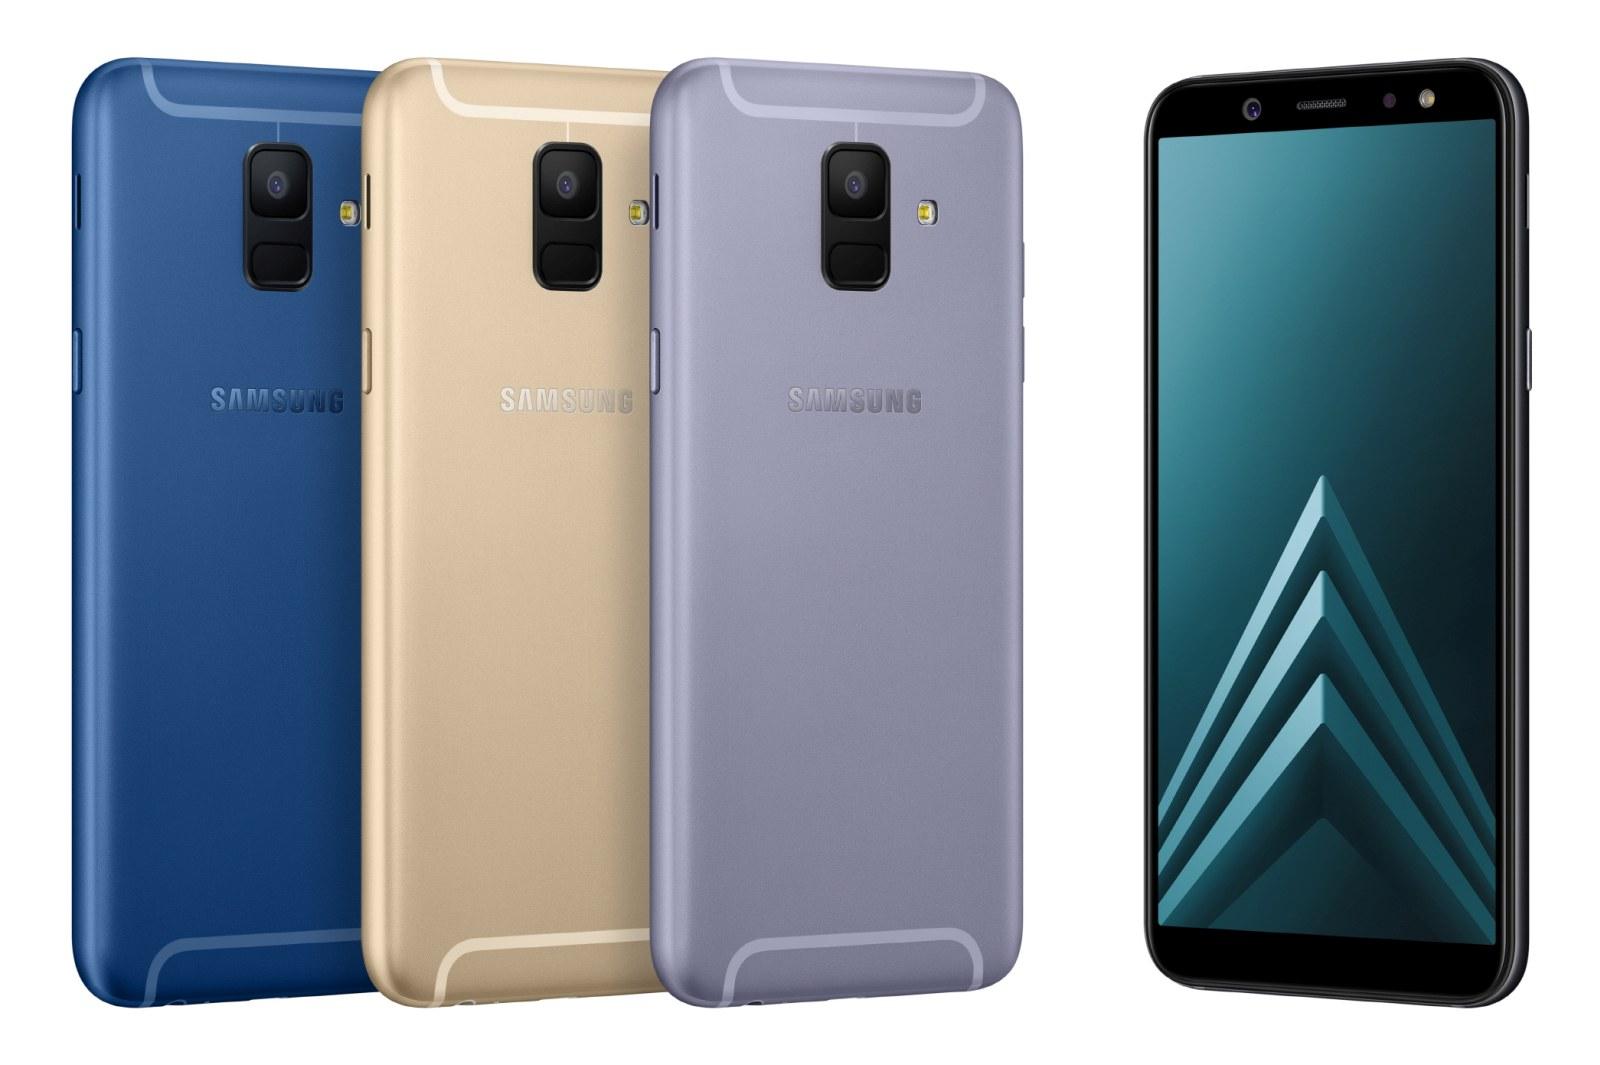 Samsung Galaxy A6 i A6 Plus oficjalnie. Znamy specyfikacjê